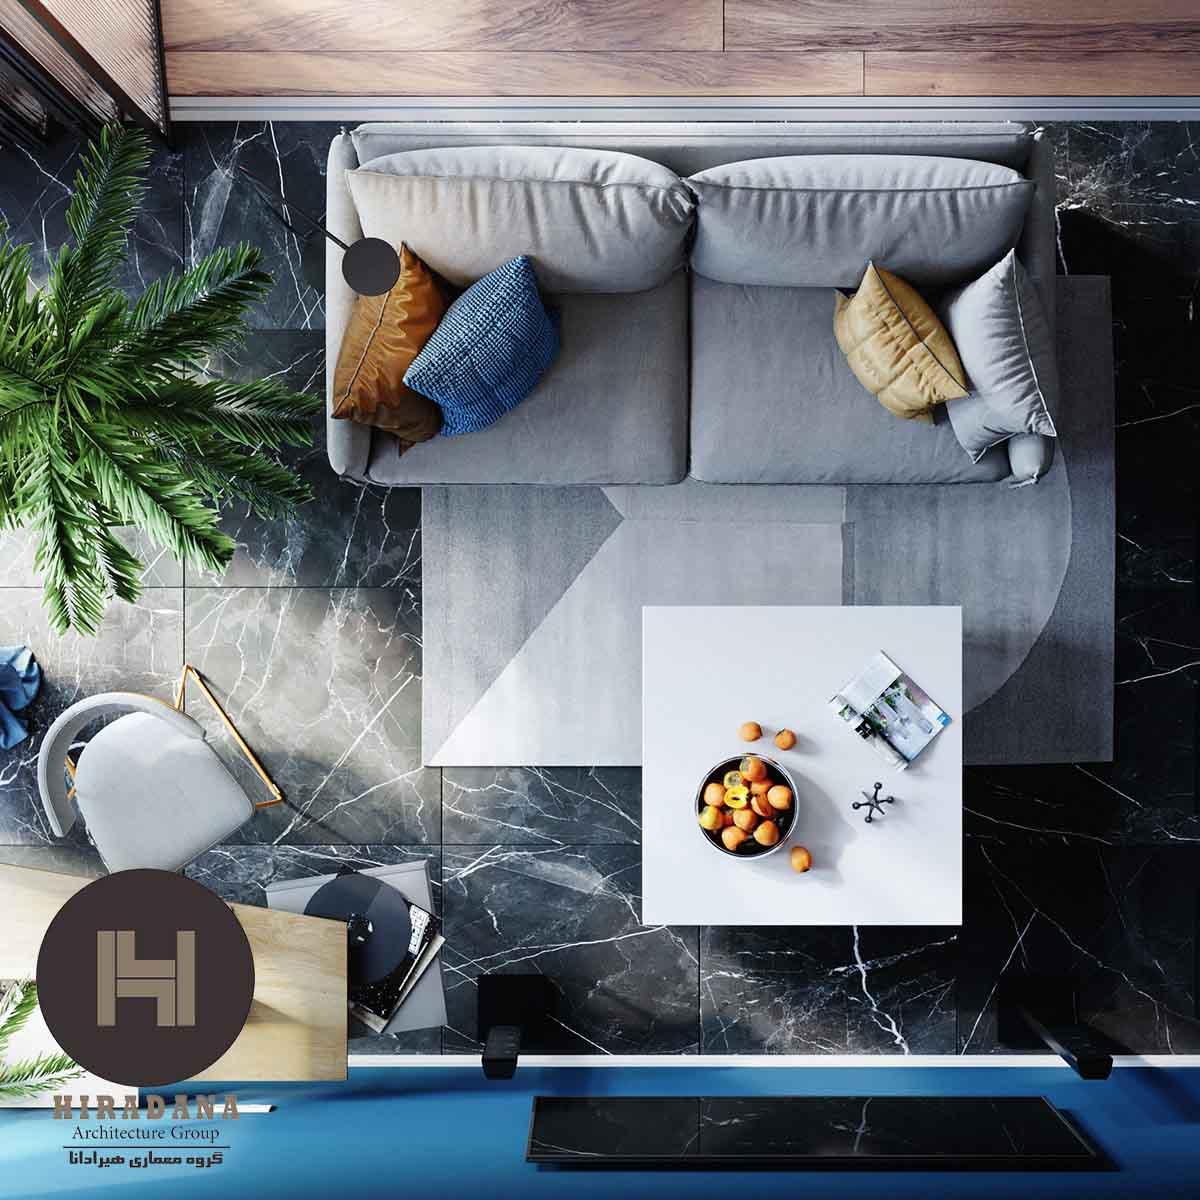 طراحی داخلی خانه با پالت رنگ آبی و خاکستری روشن